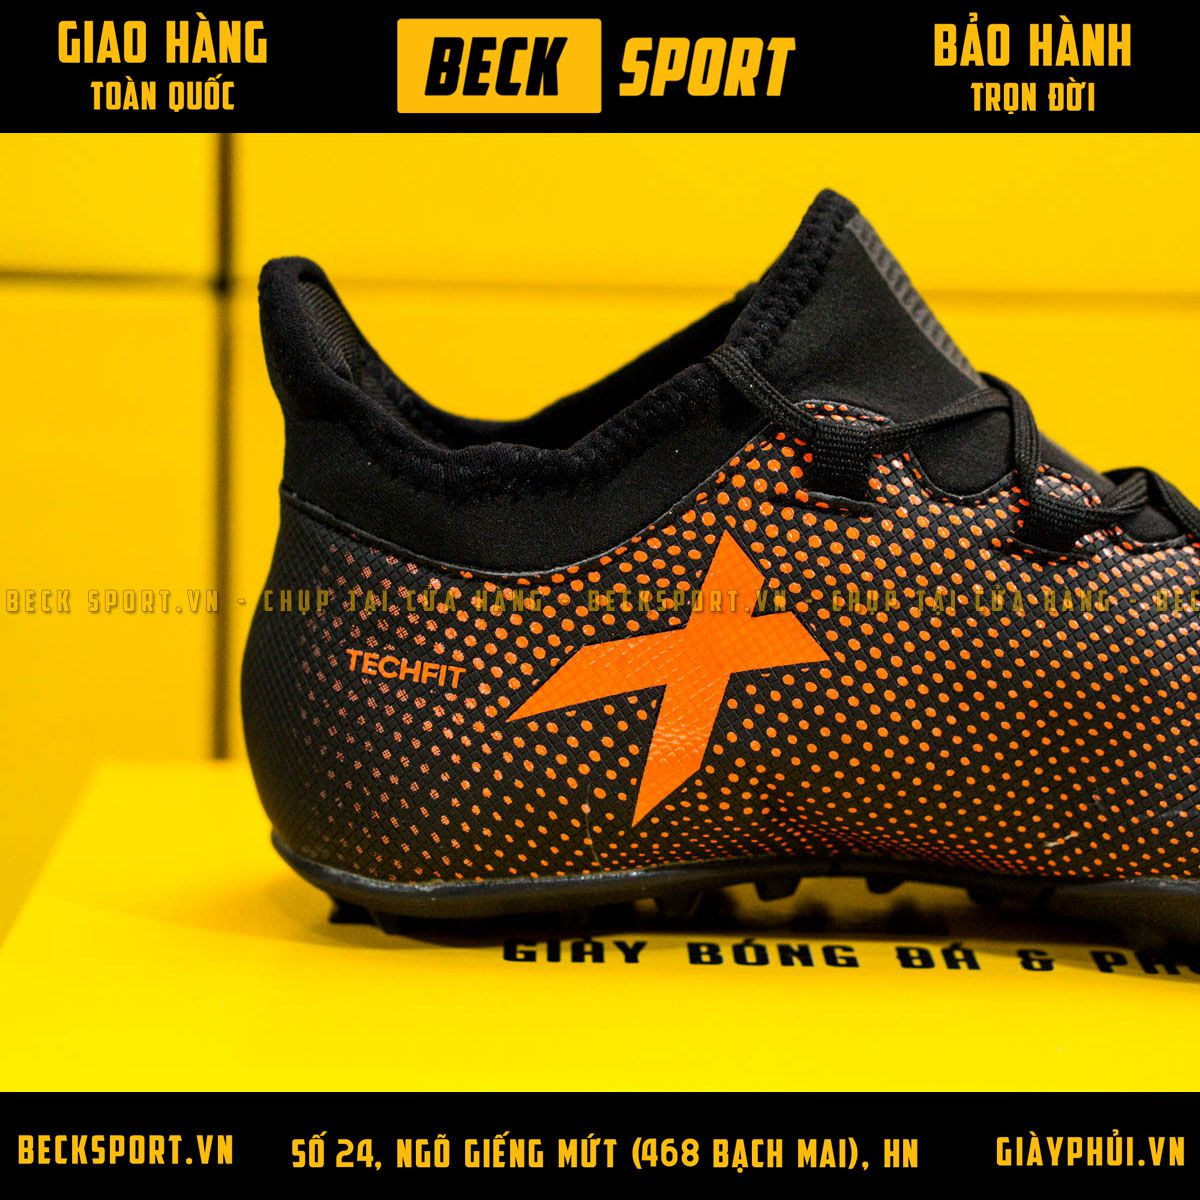 Giày Bóng Đá Adidas X 17.3 Đen Chấm Bi Cam TF